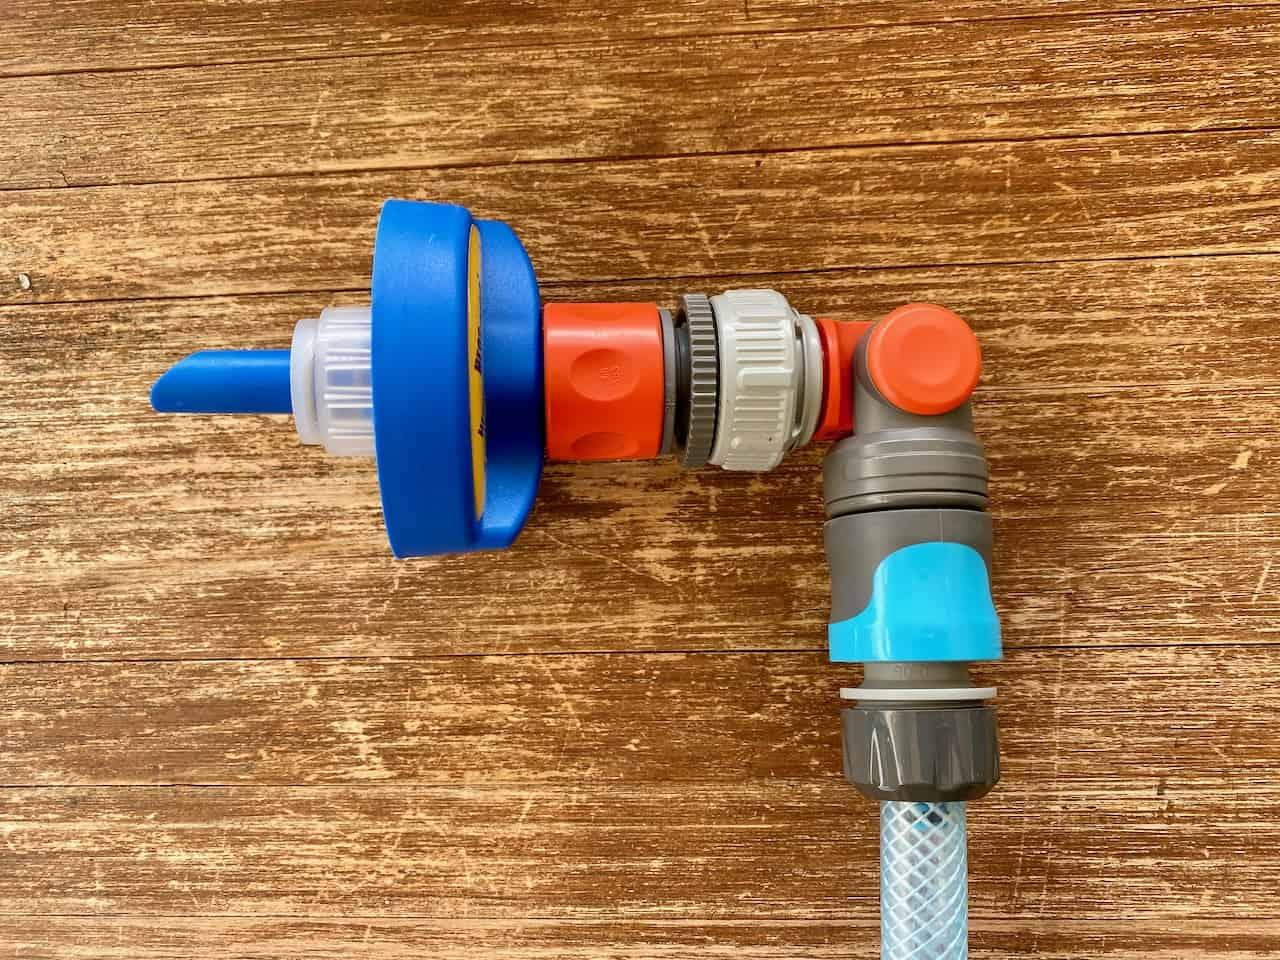 Wasserversorgung-Wassertanken-Heosoltution-Heoswater-Gardena-Winkelhahnstück-Wasserschlauch